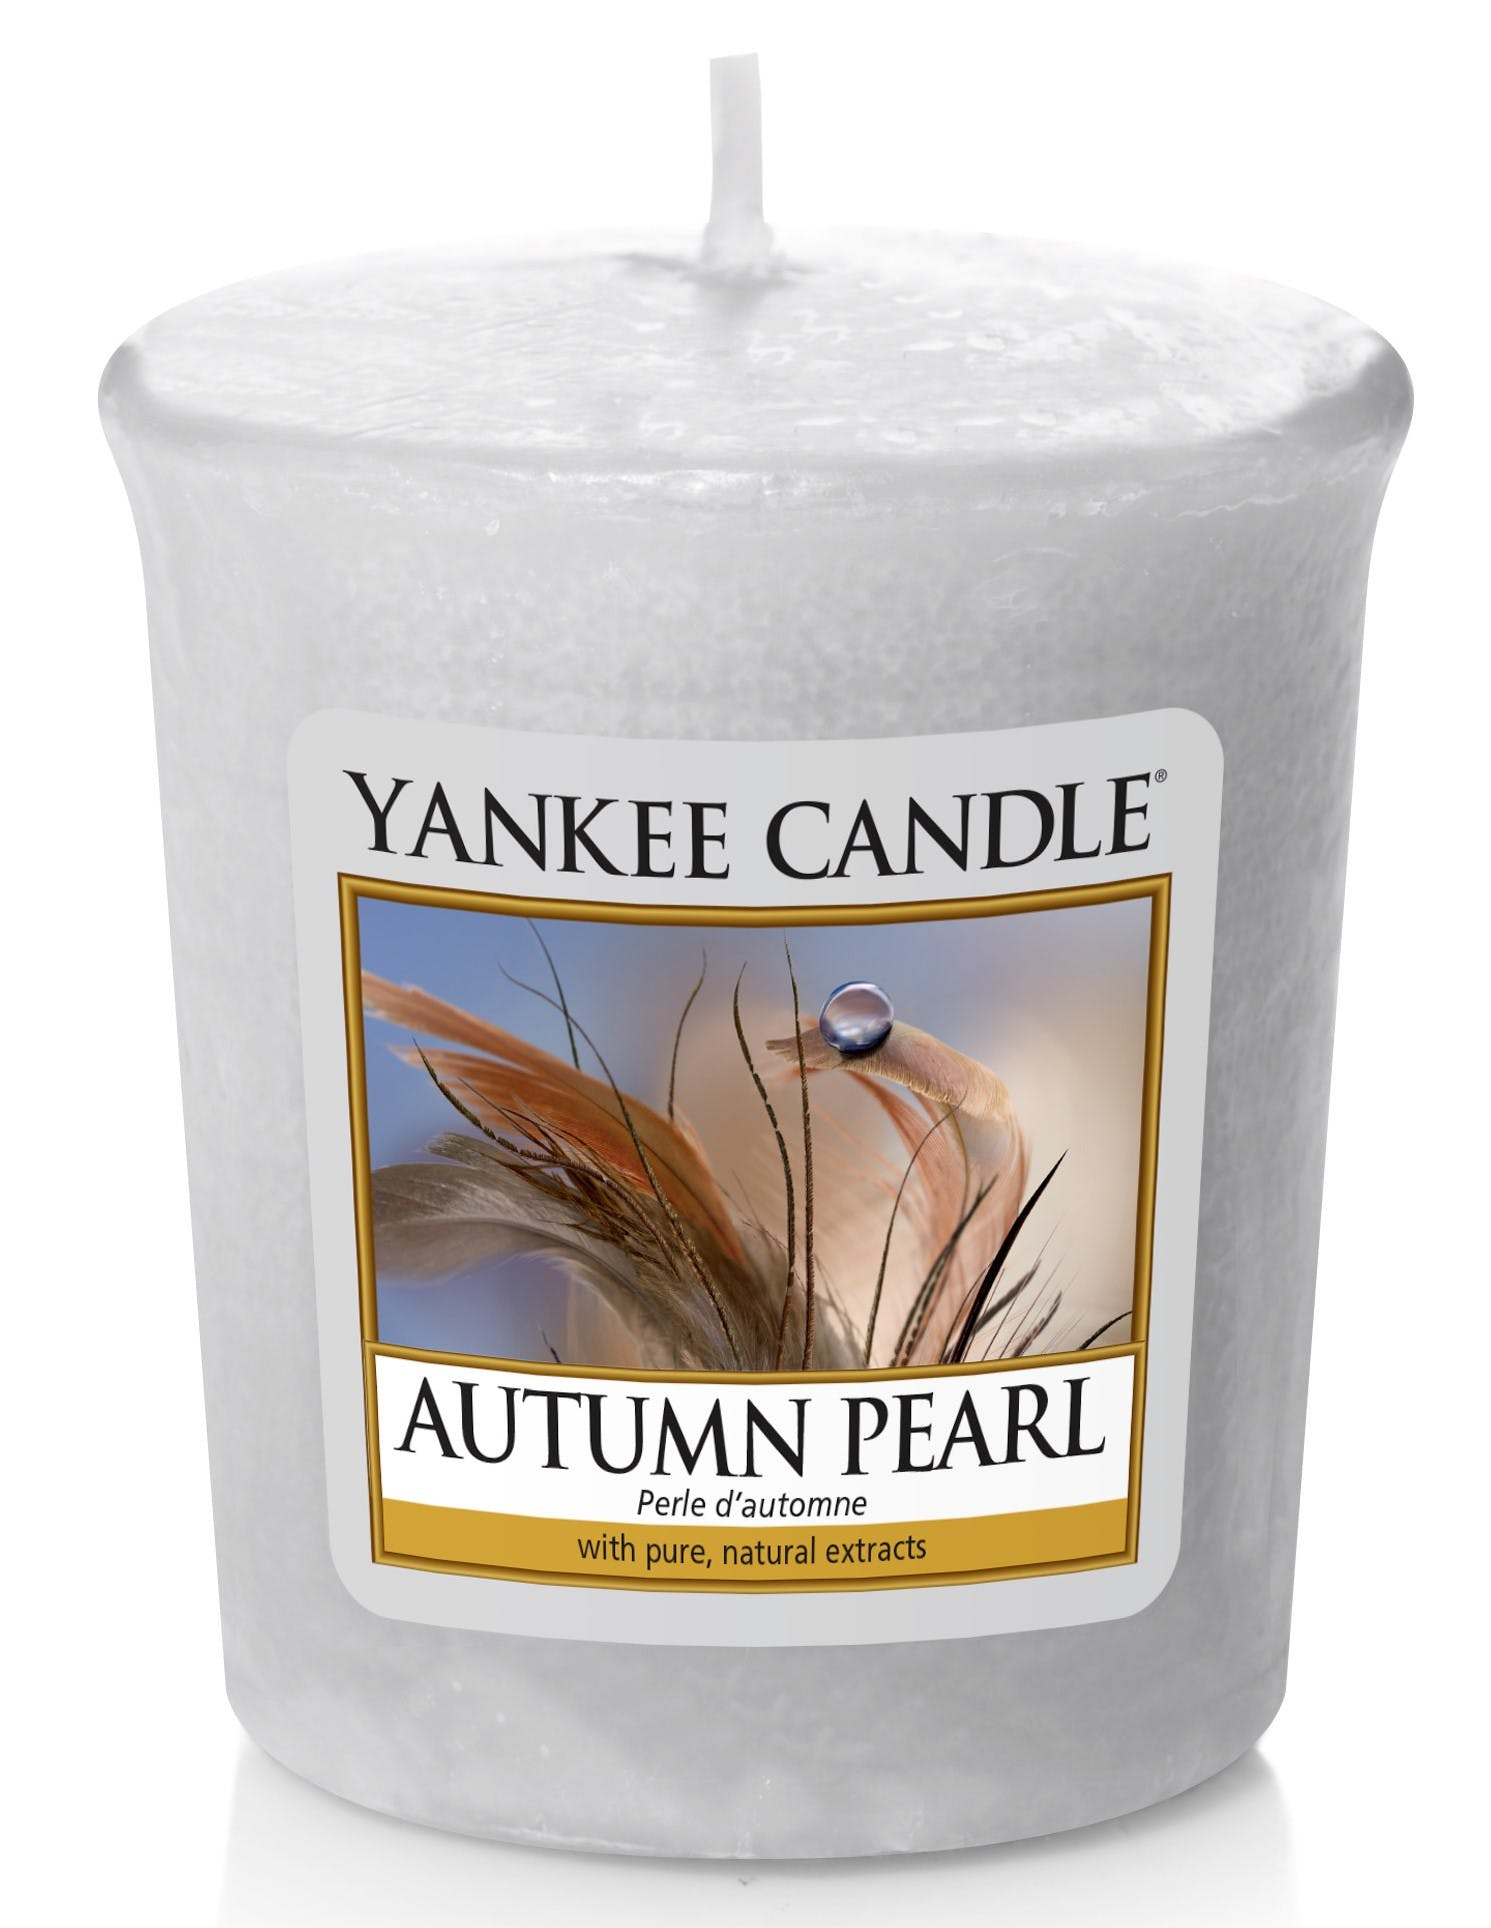 Bougie votive Yankee Candle perle d'automne réf. 30020898